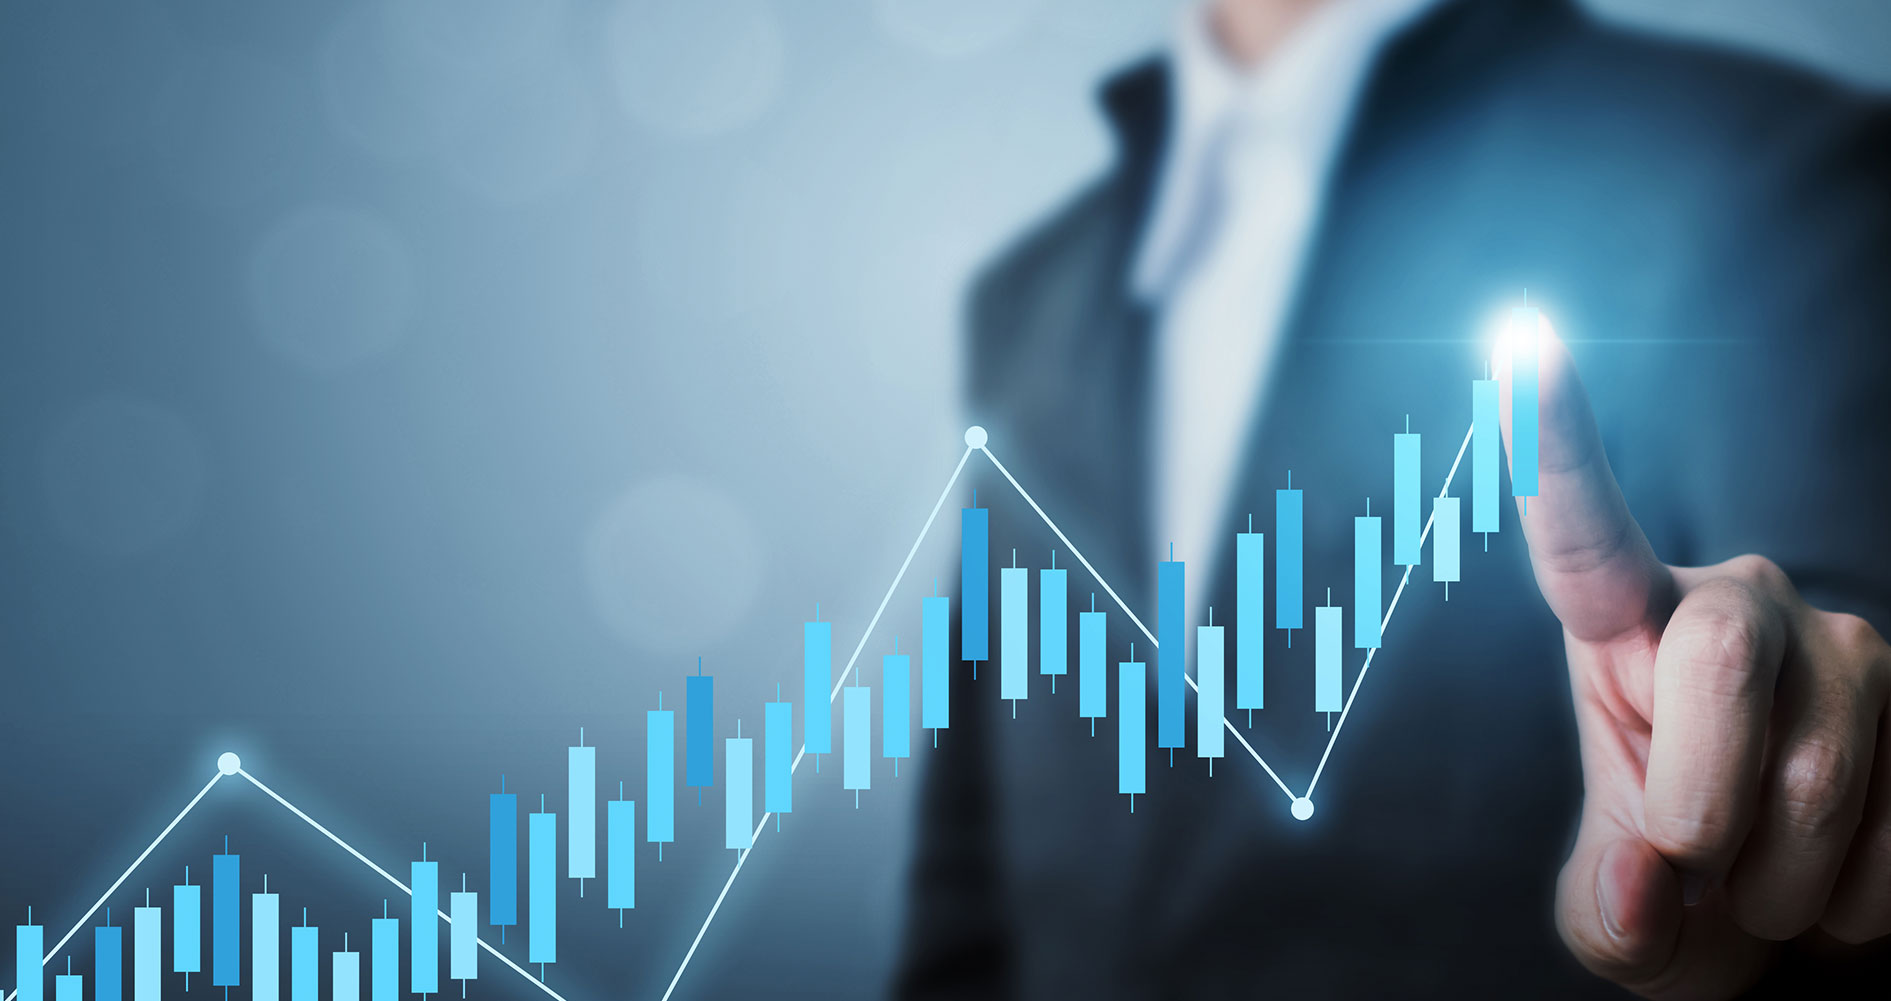 Aumenta-las-ventas-en-el-sector-TIC-con-metodologia-Inbound